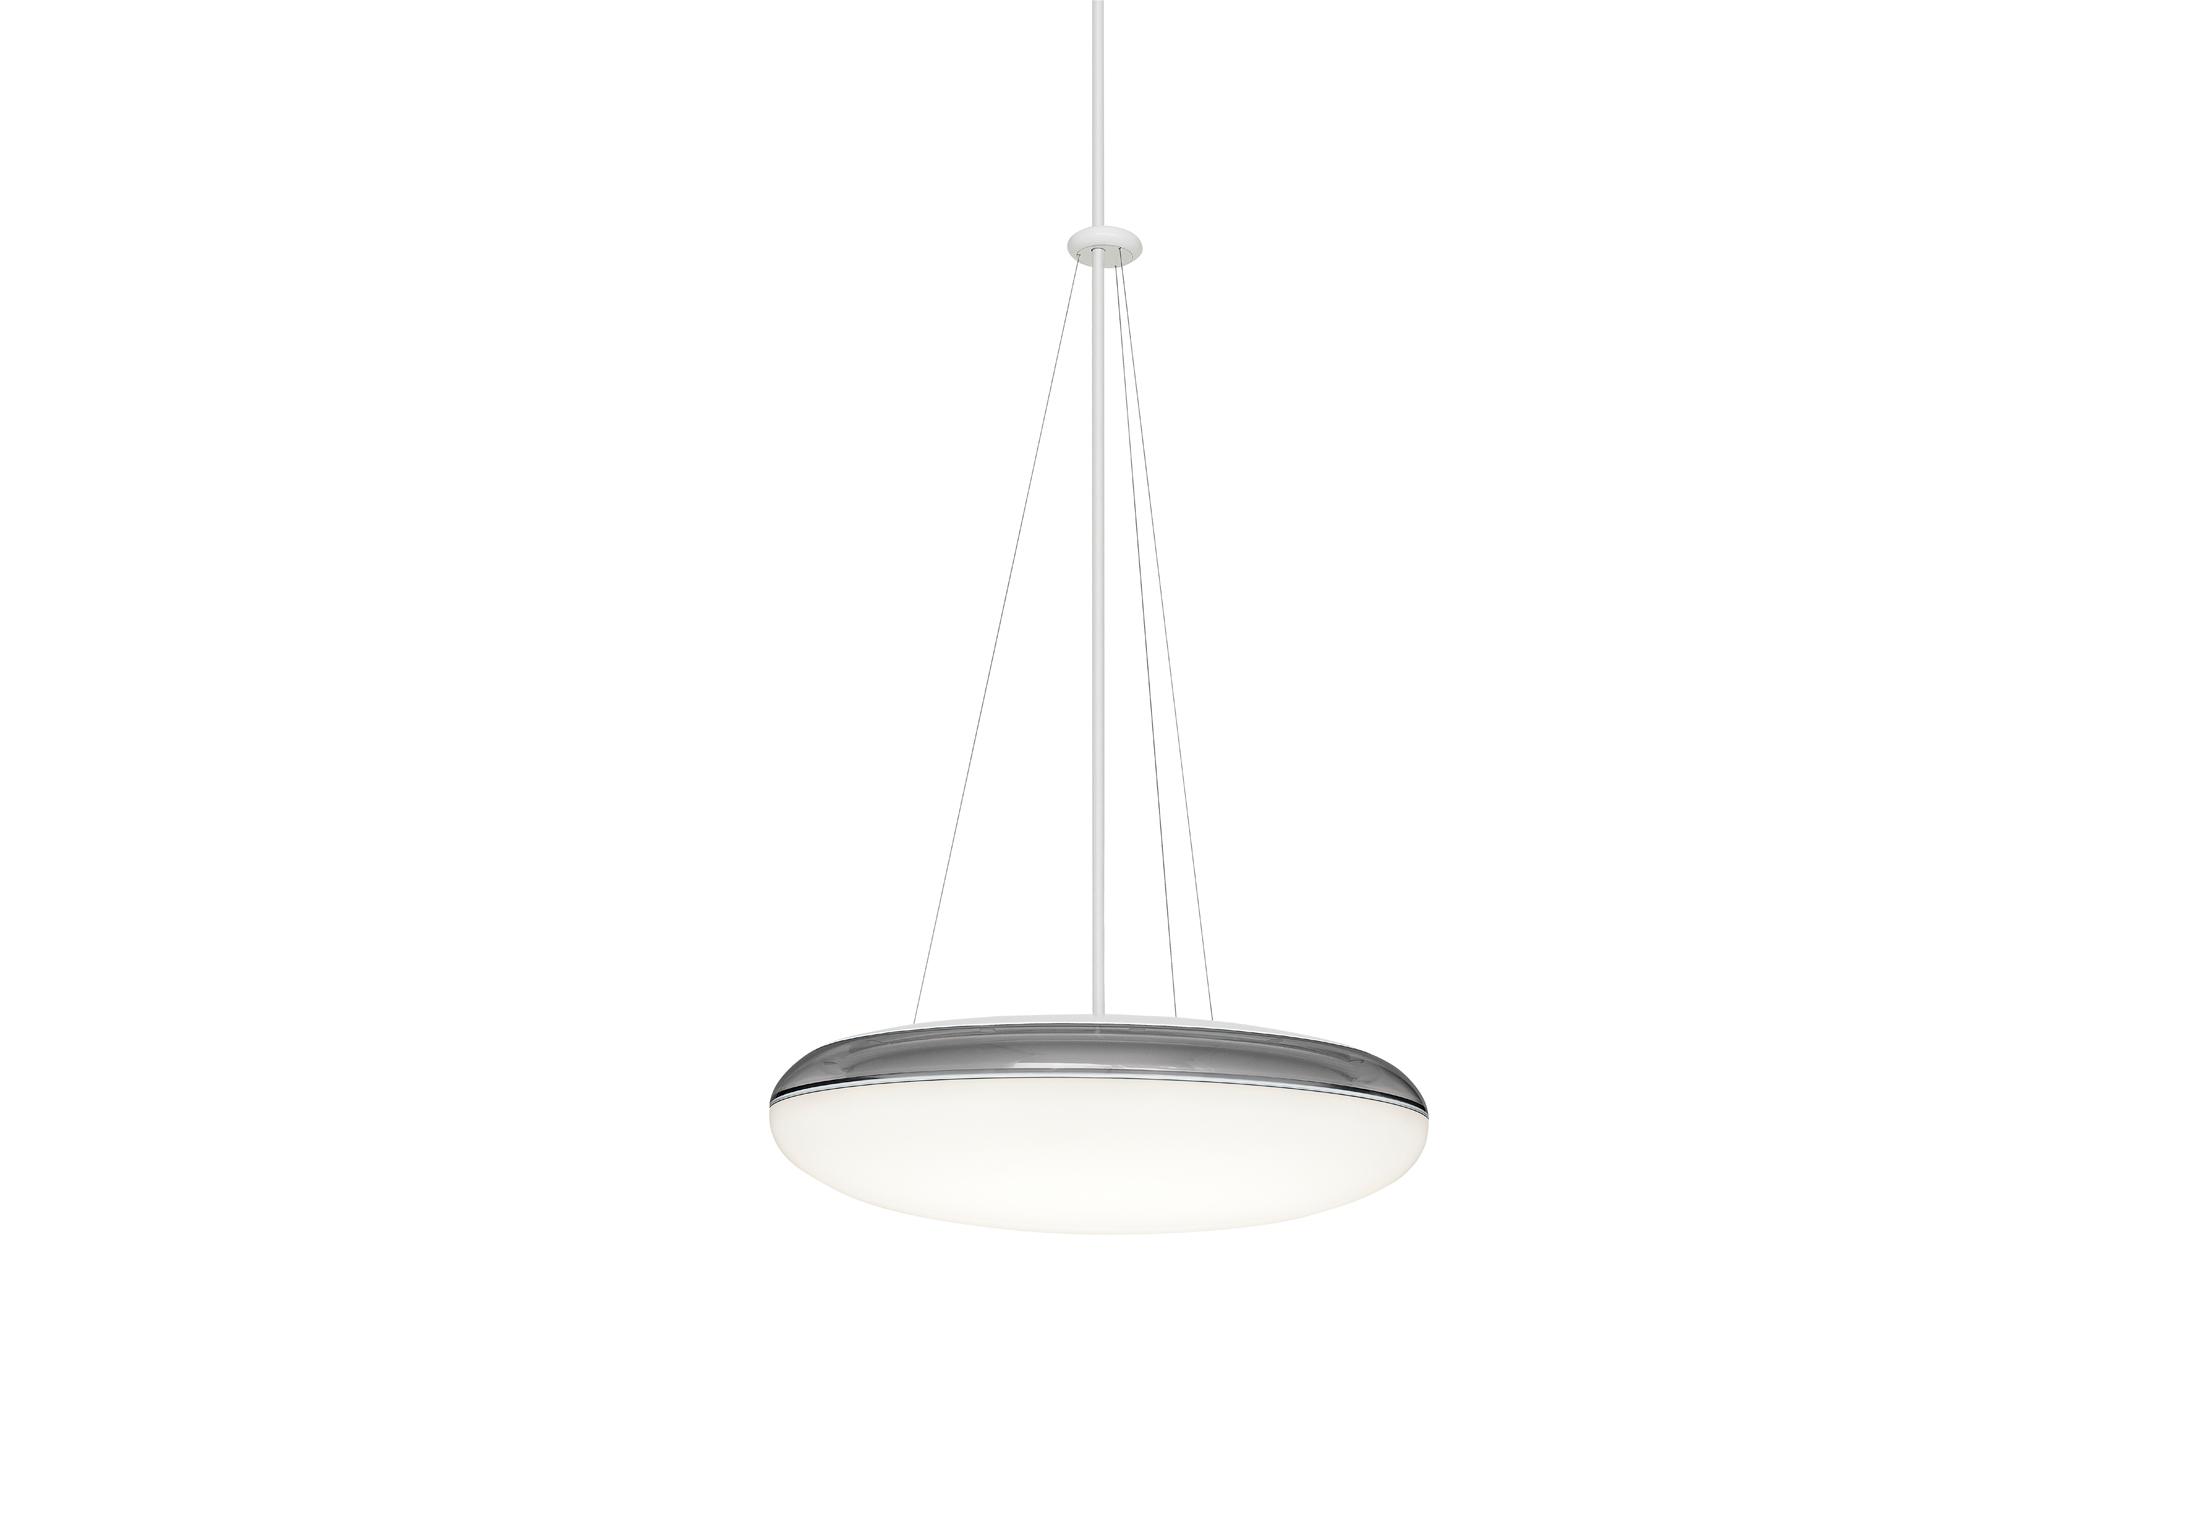 Silverback Light by KiBiSi for Louis Poulsen